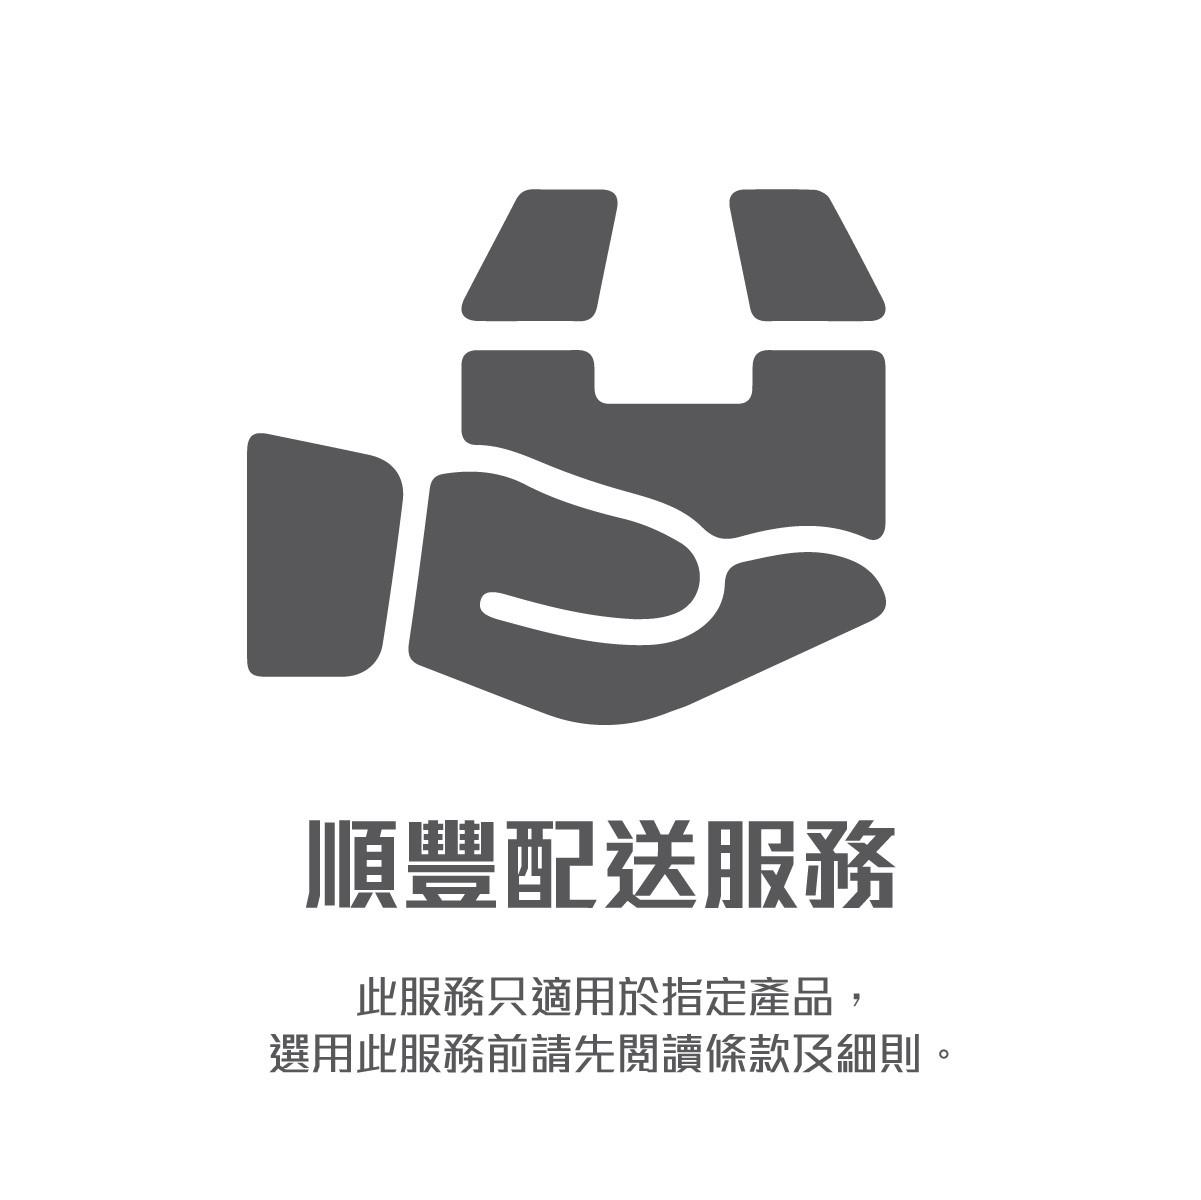 香港順豐自取服務